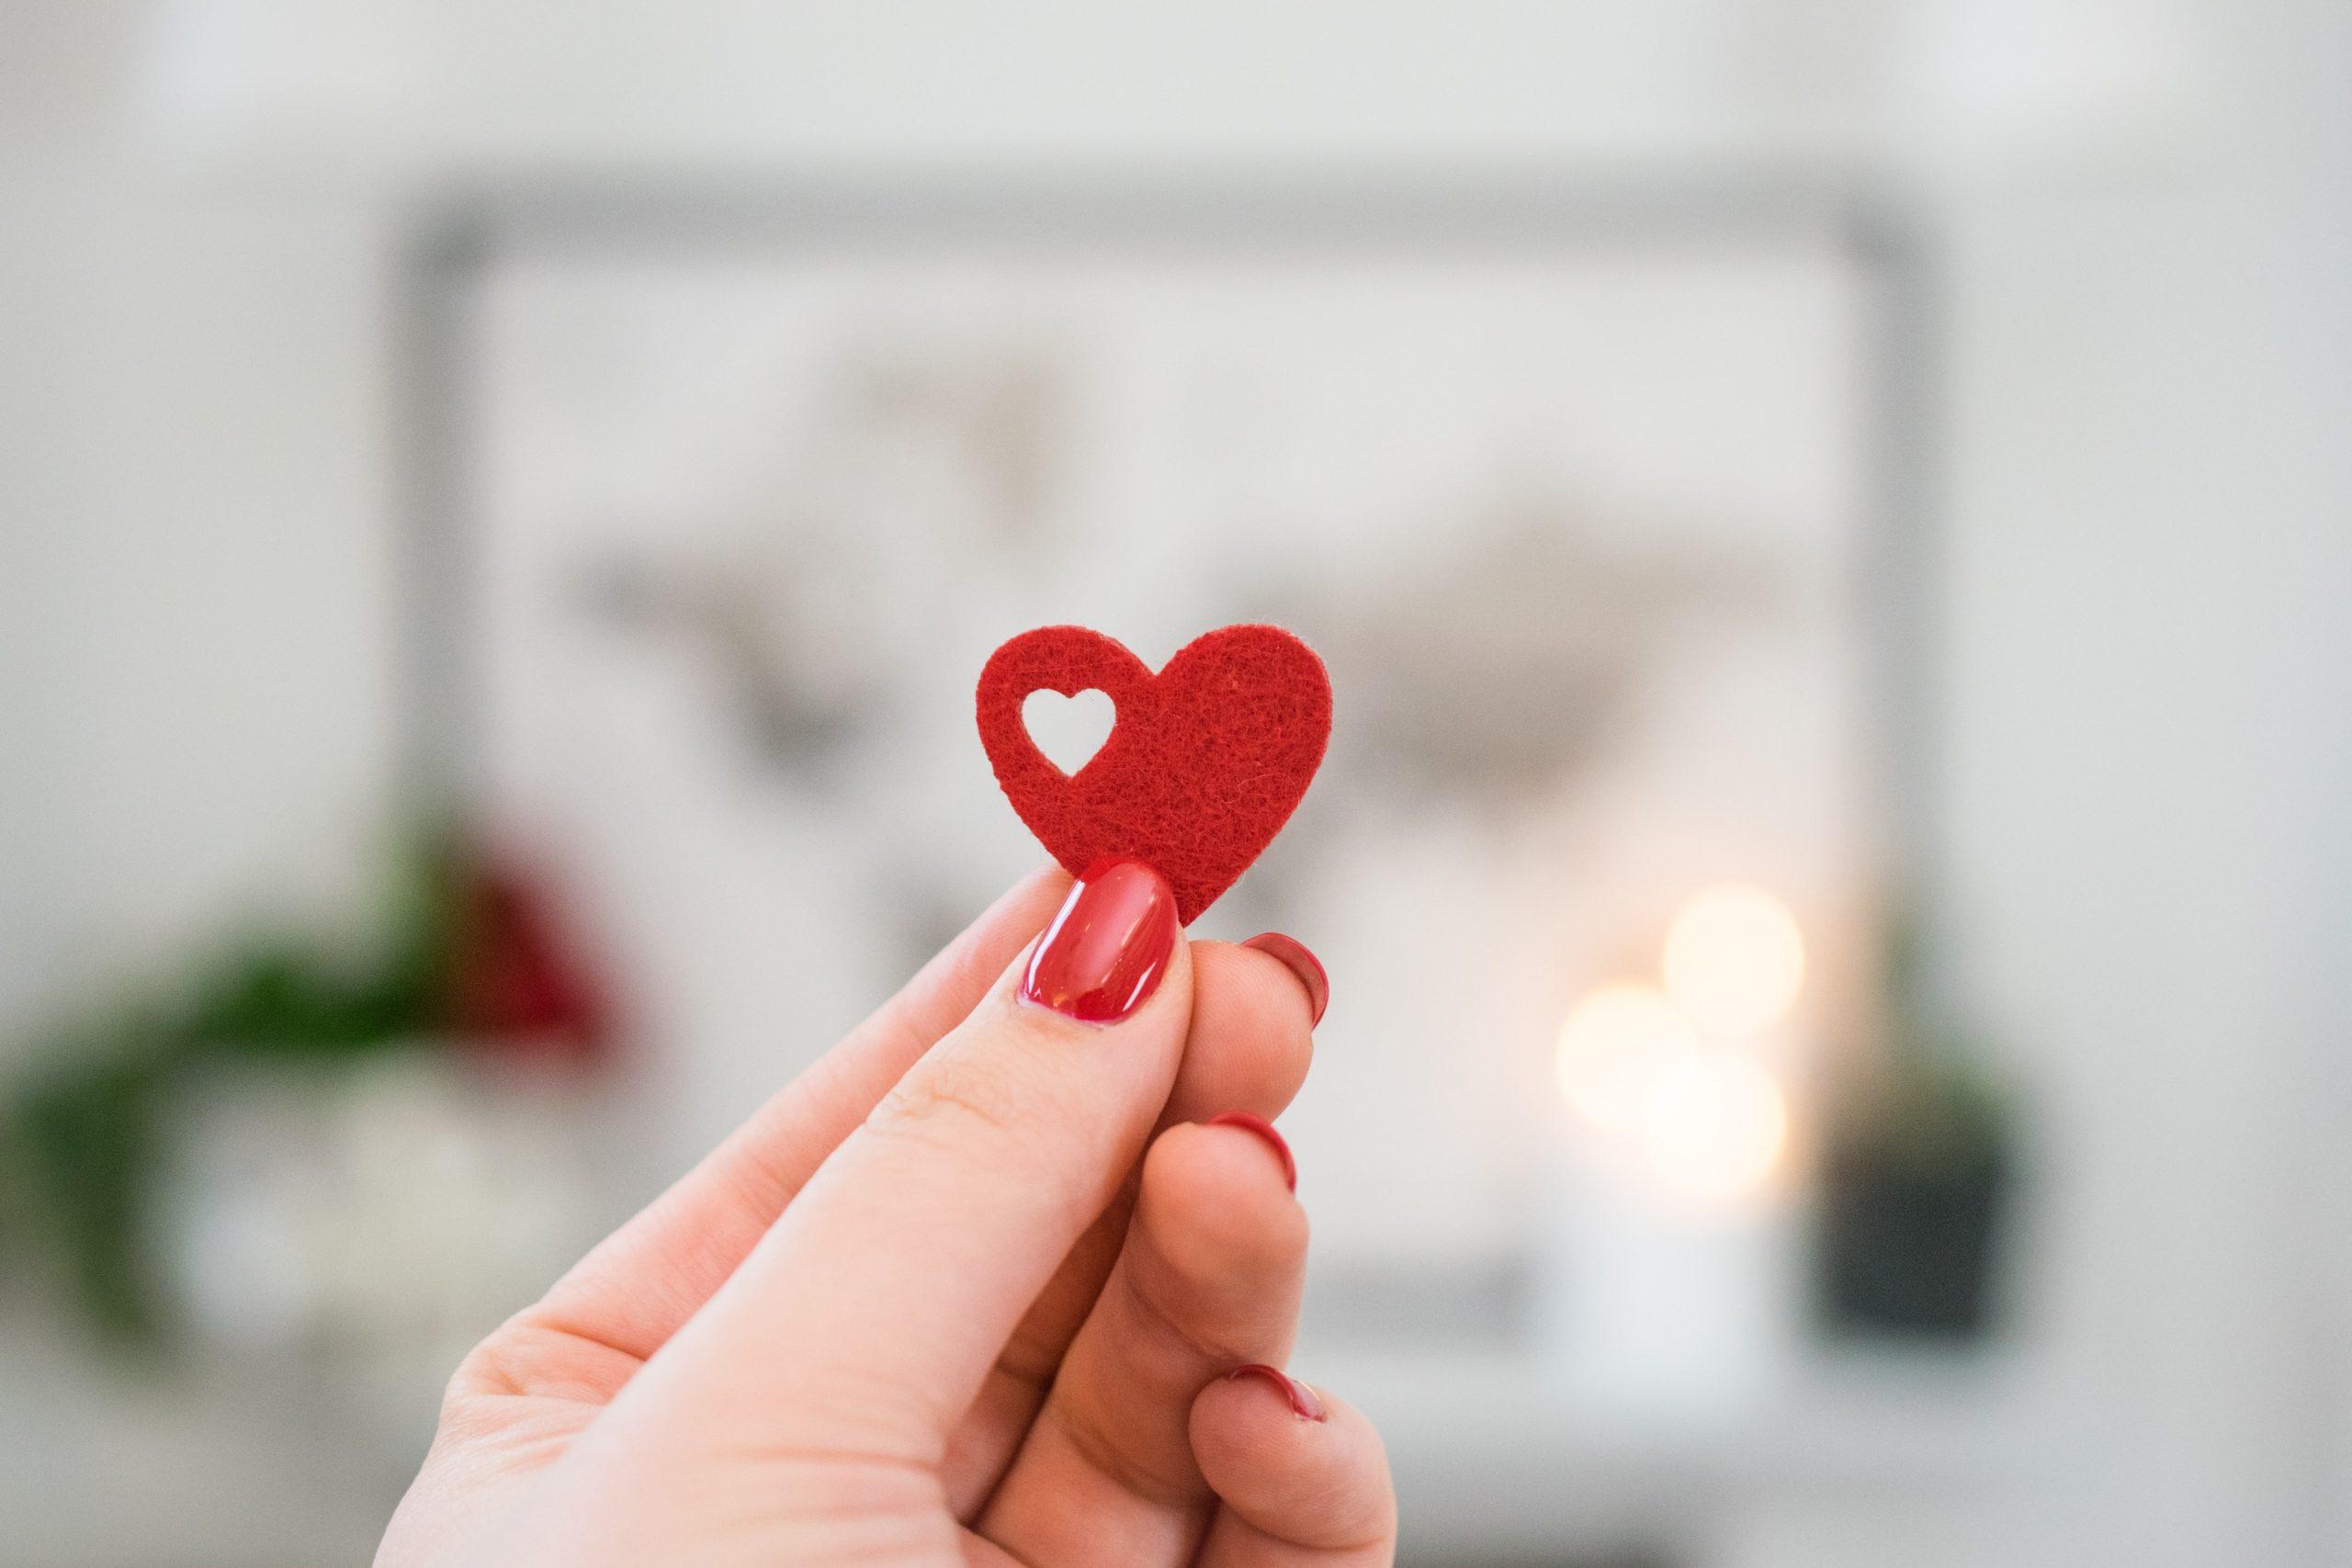 《水晶玉子の恋占い》|『この恋を続けたら、婚期を逃すだけ?報われる?』あなたの未来を占います!